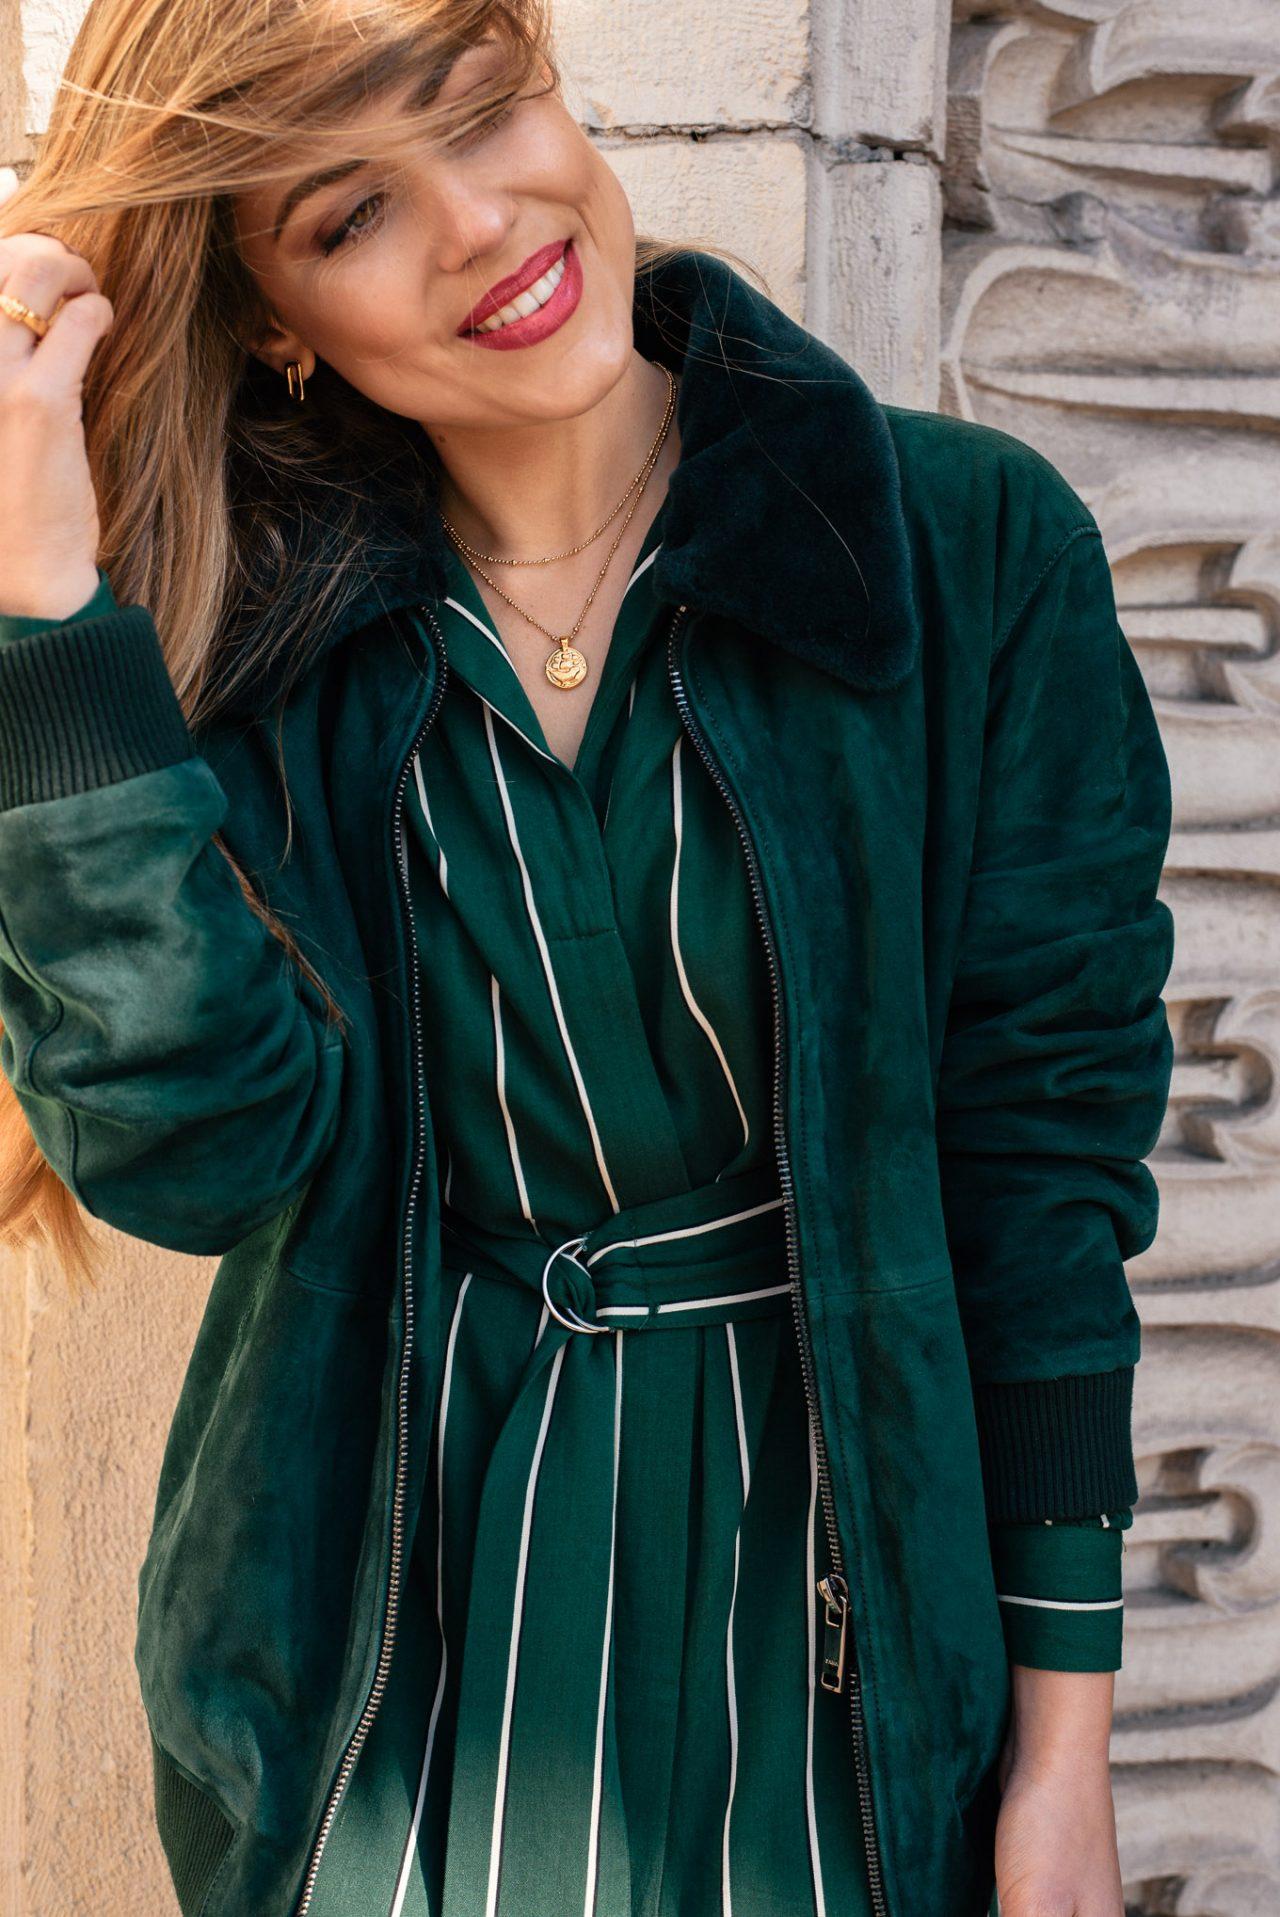 Bulgarian blogger Denina Martin